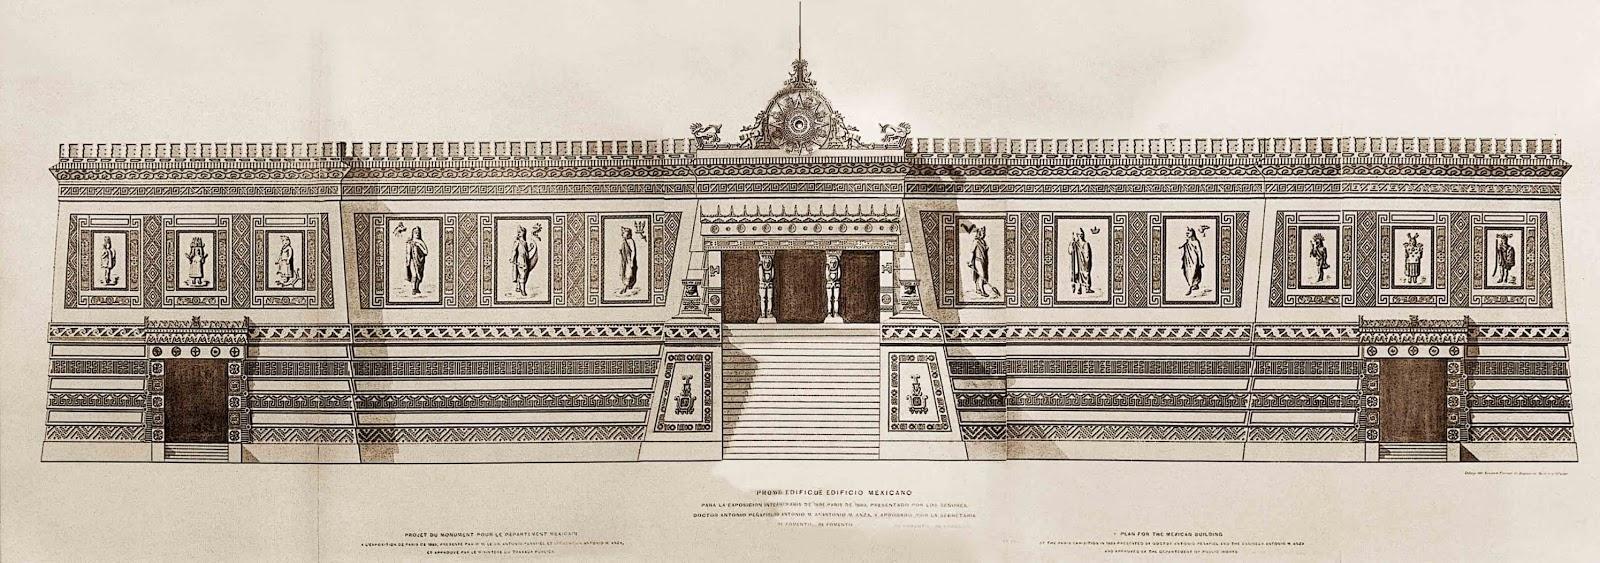 Arquitectura en la época de la Reforma